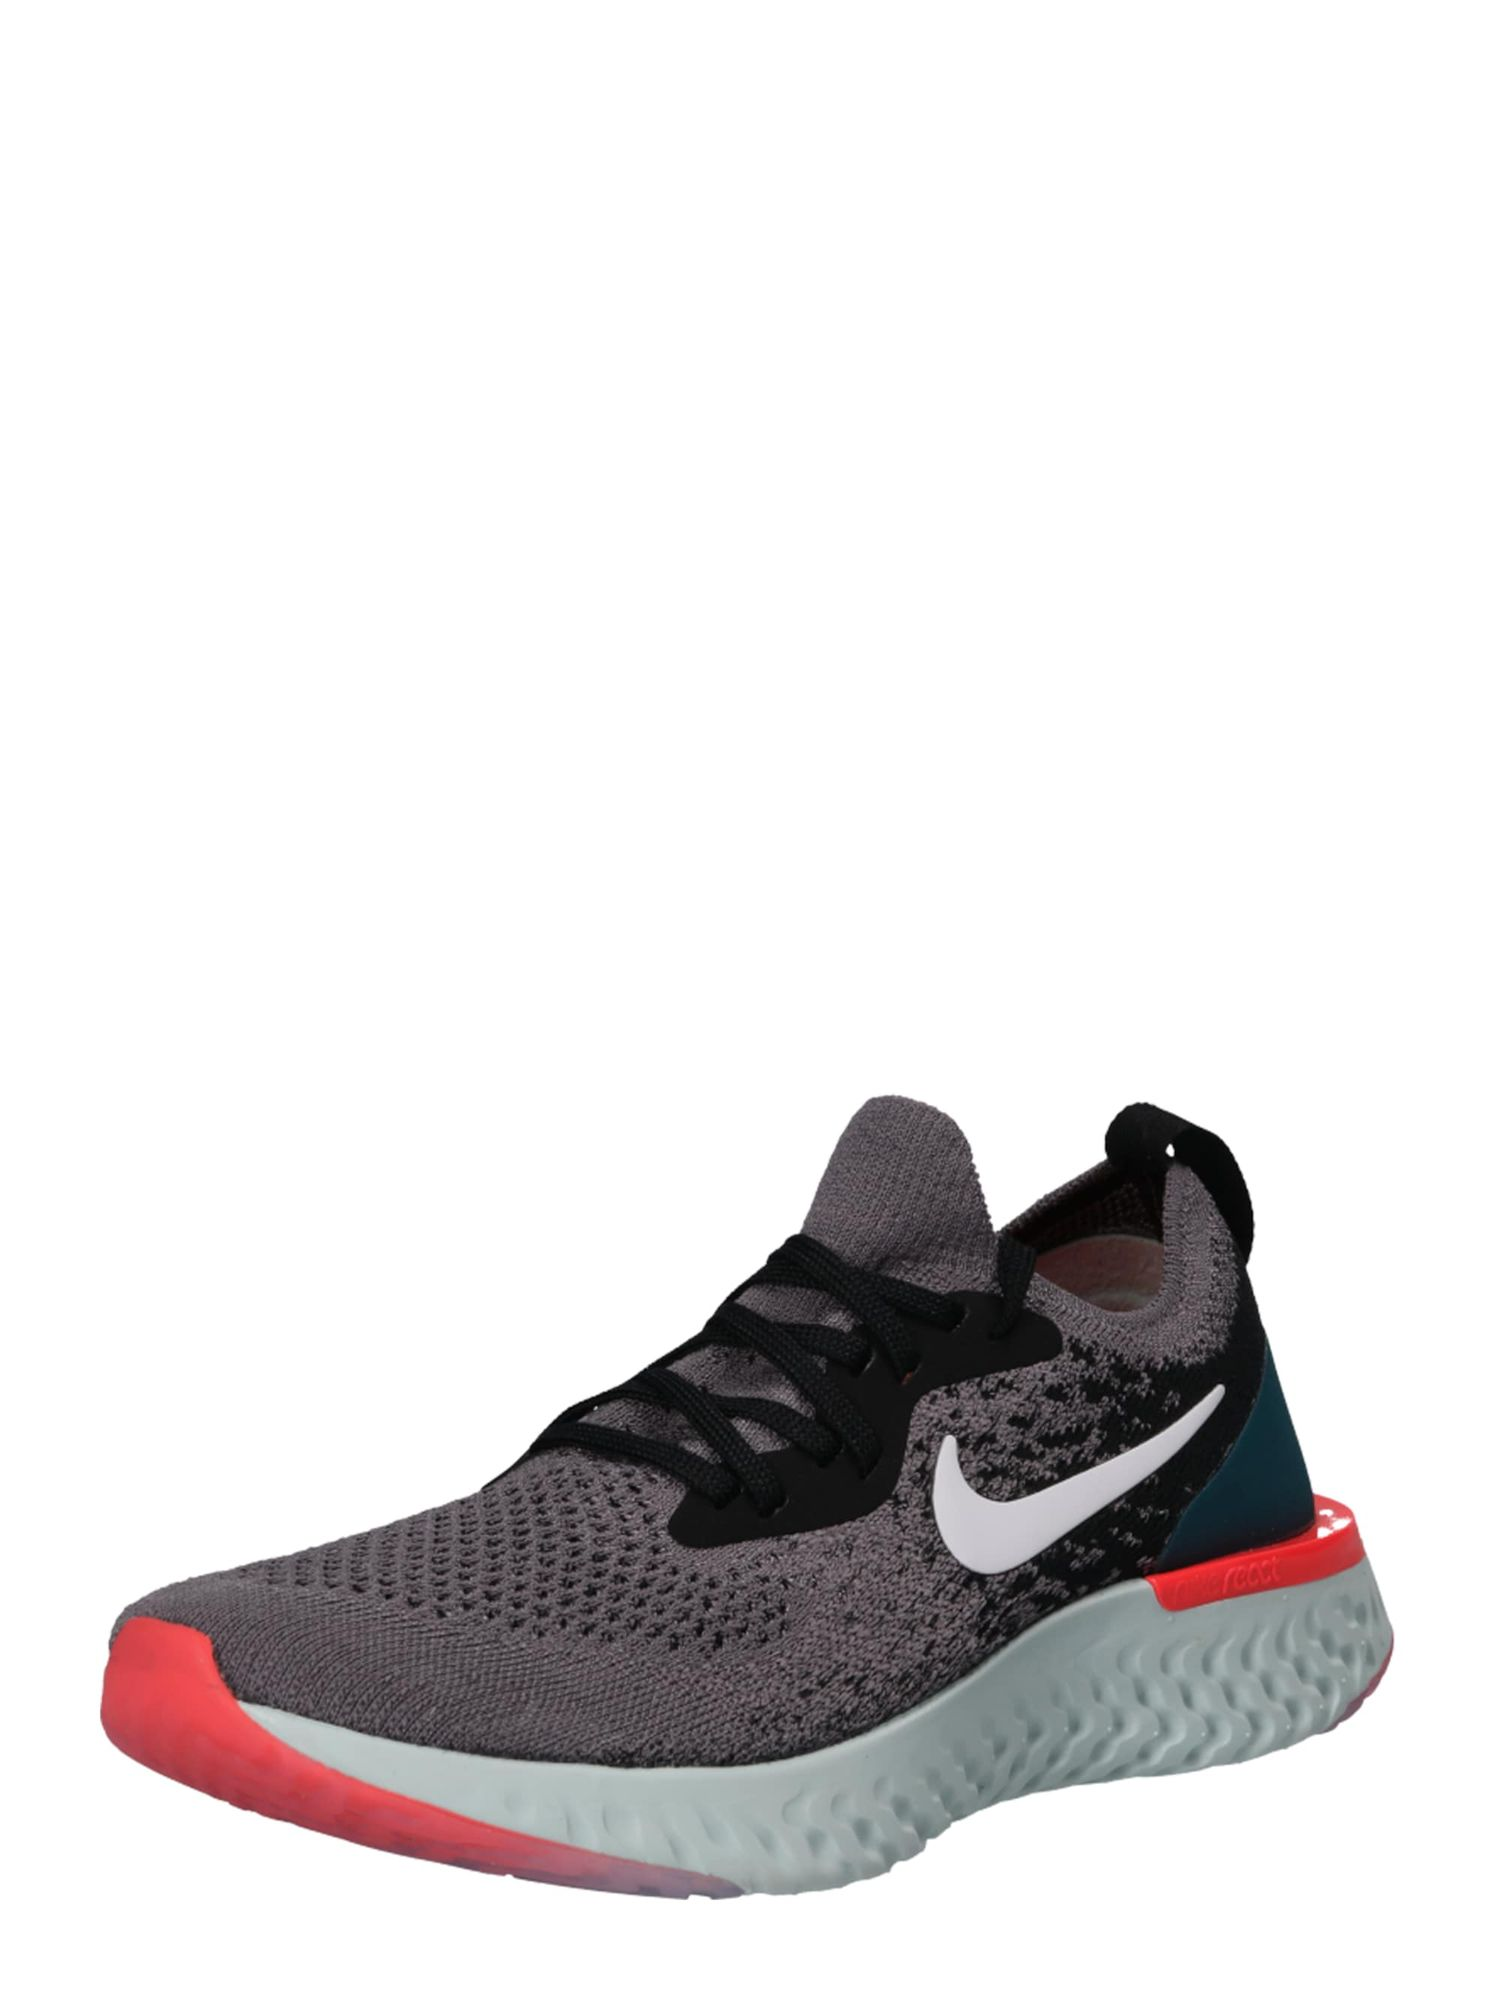 Sneaker ´EPIC REACT FLYKNIT´